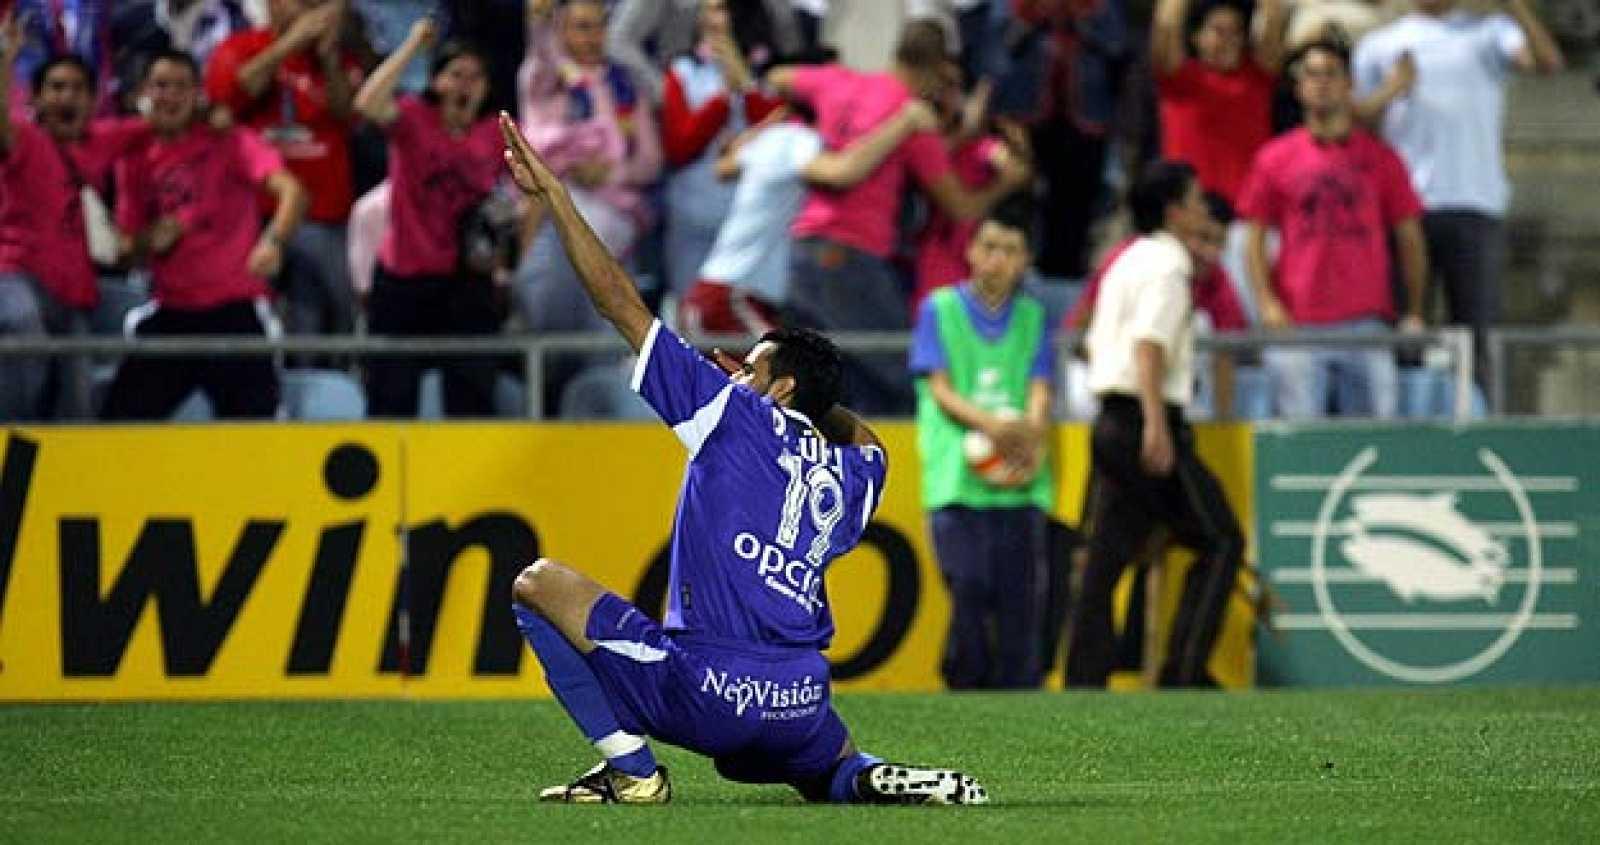 """Güiza imita a su ídolo Francisco Narváez """"Kiko"""" en la celebración de cada uno de sus goles."""